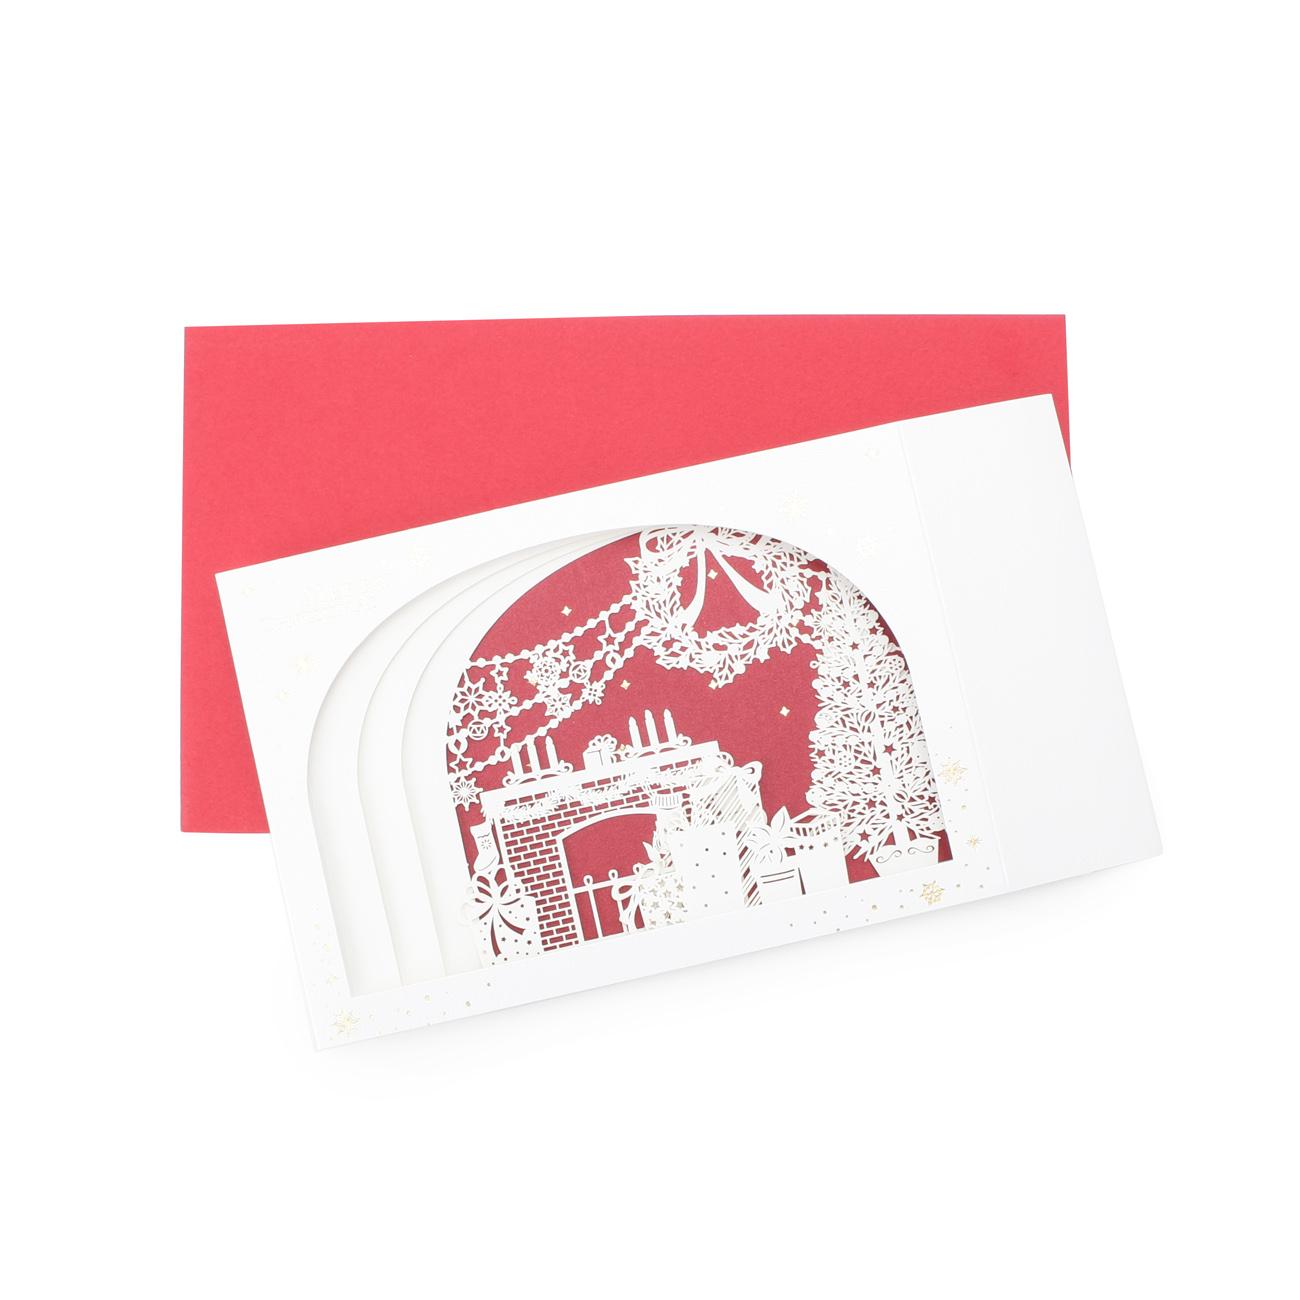 【grove (グローブ)】レーザーカット クリスマスカードレディース その他雑貨|その他雑貨 レッド